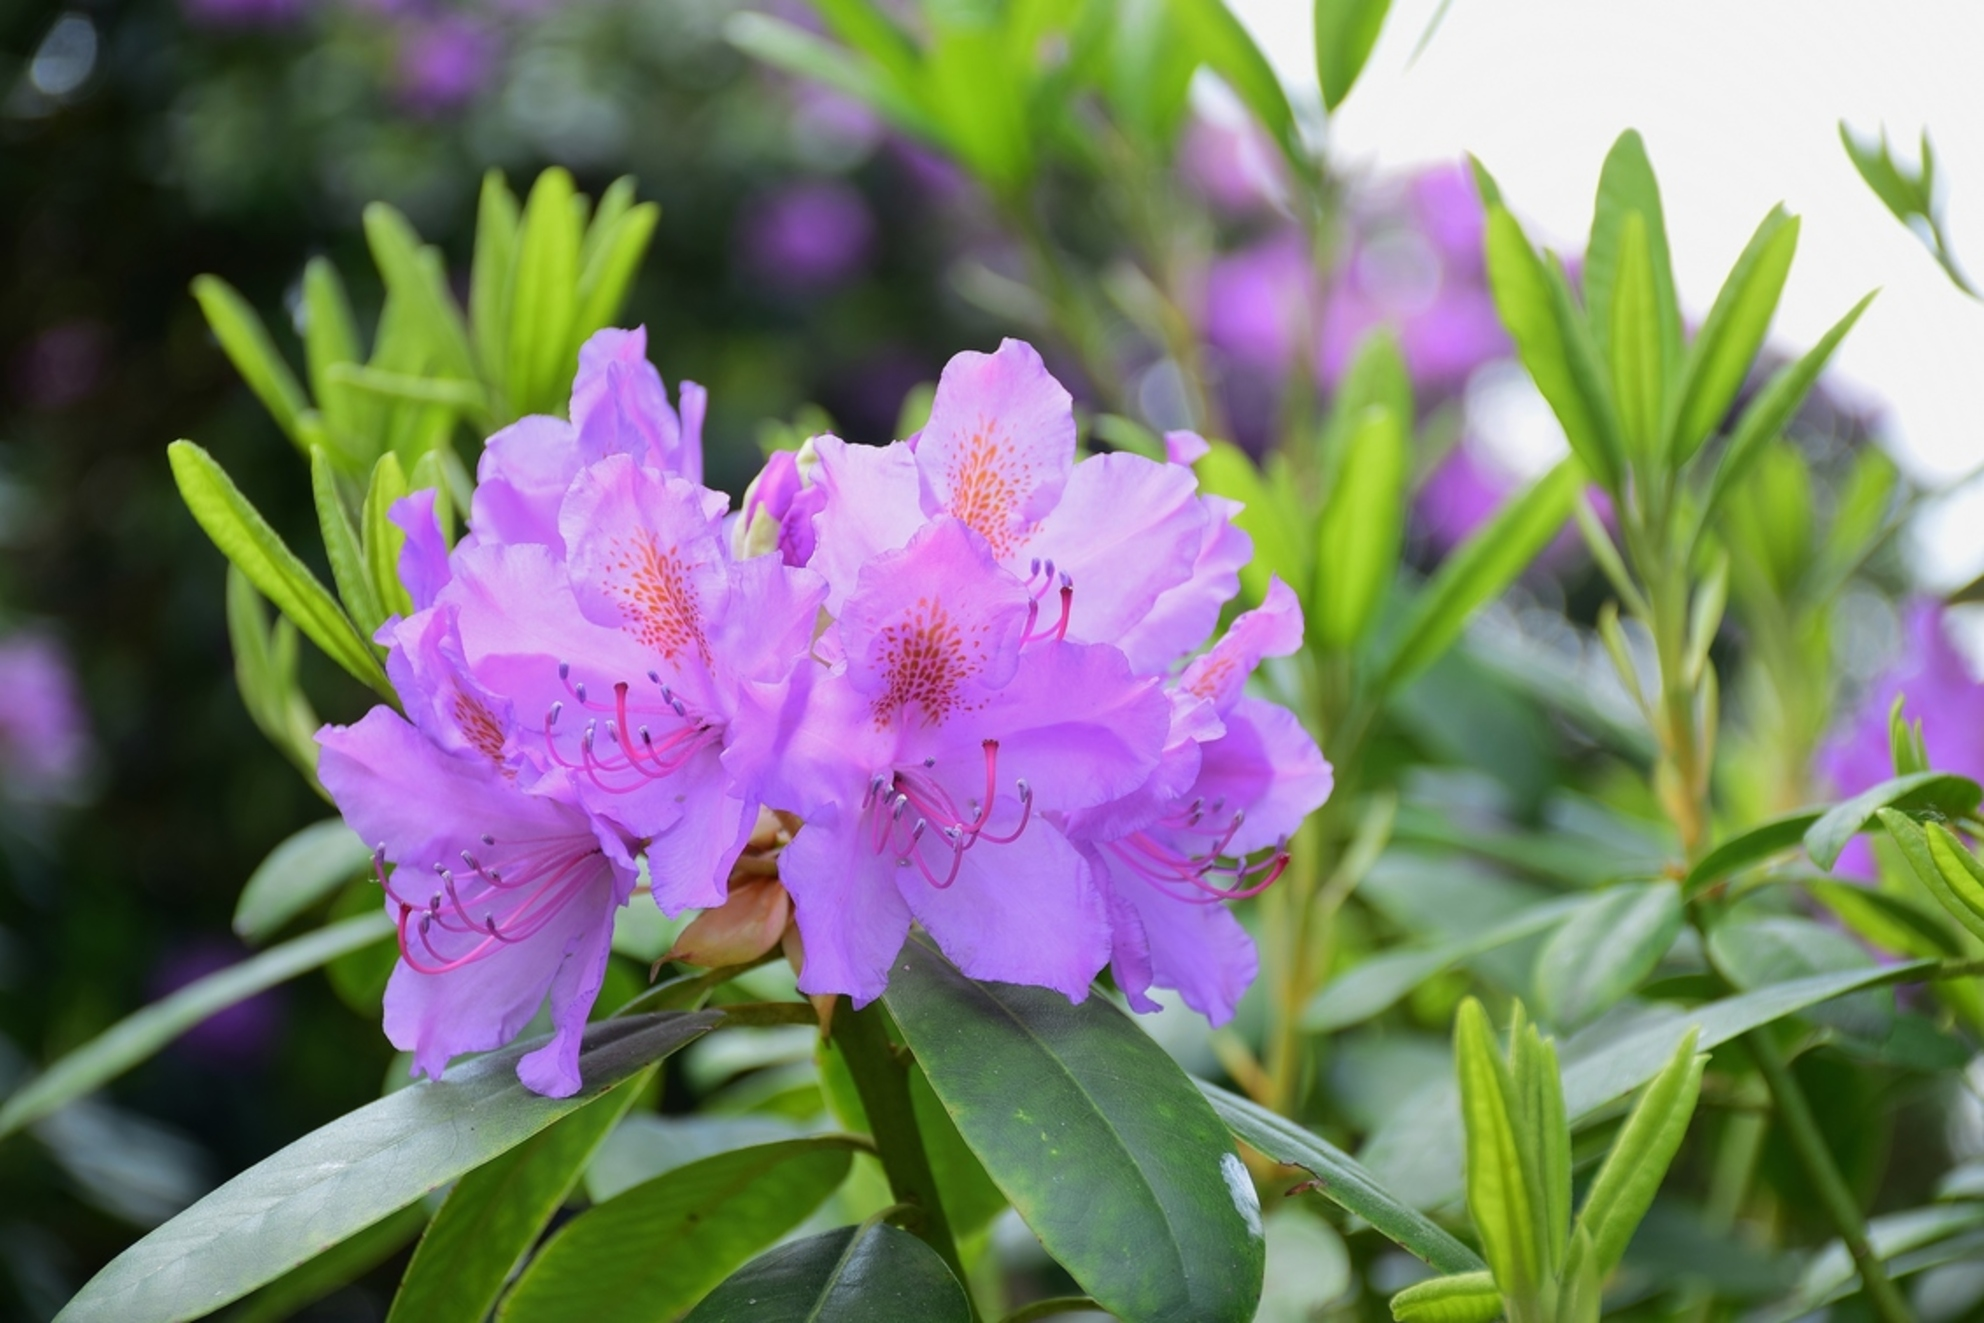 Rododendron - Rododendron - foto door 1Herdershond op 26-05-2019 - deze foto bevat: groen, park, tuin, bloemen, planten, struiken, rododendron, lente bloemen